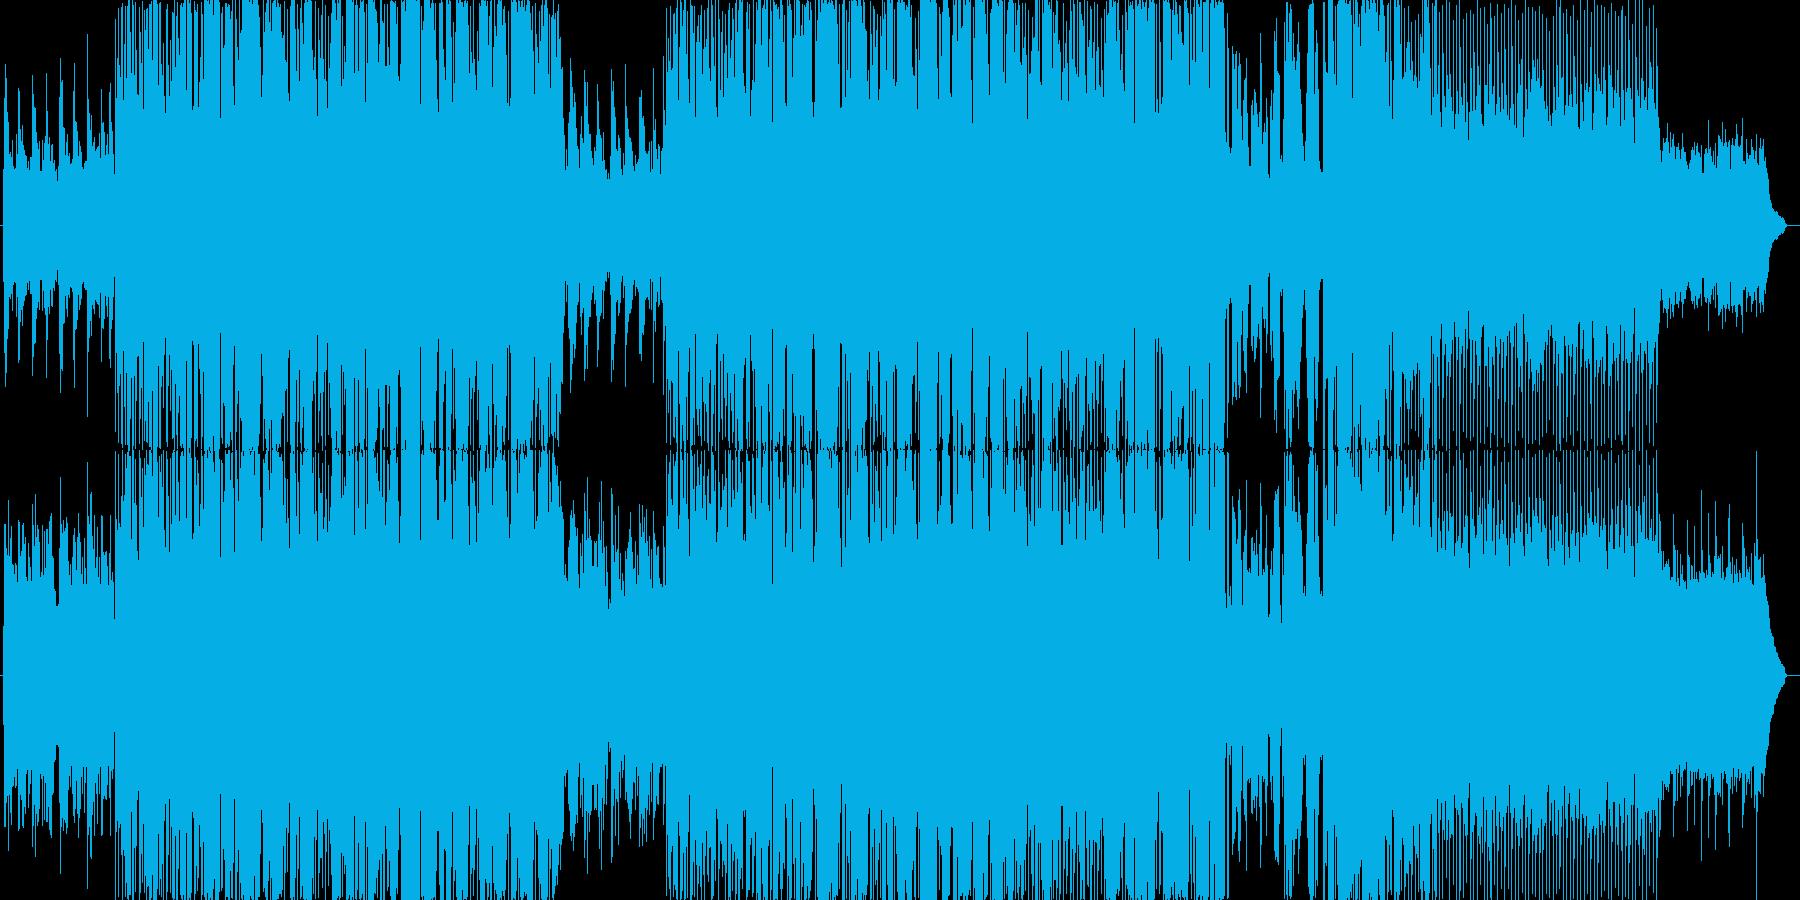 相手のことをひっそりと思う切ない曲の再生済みの波形